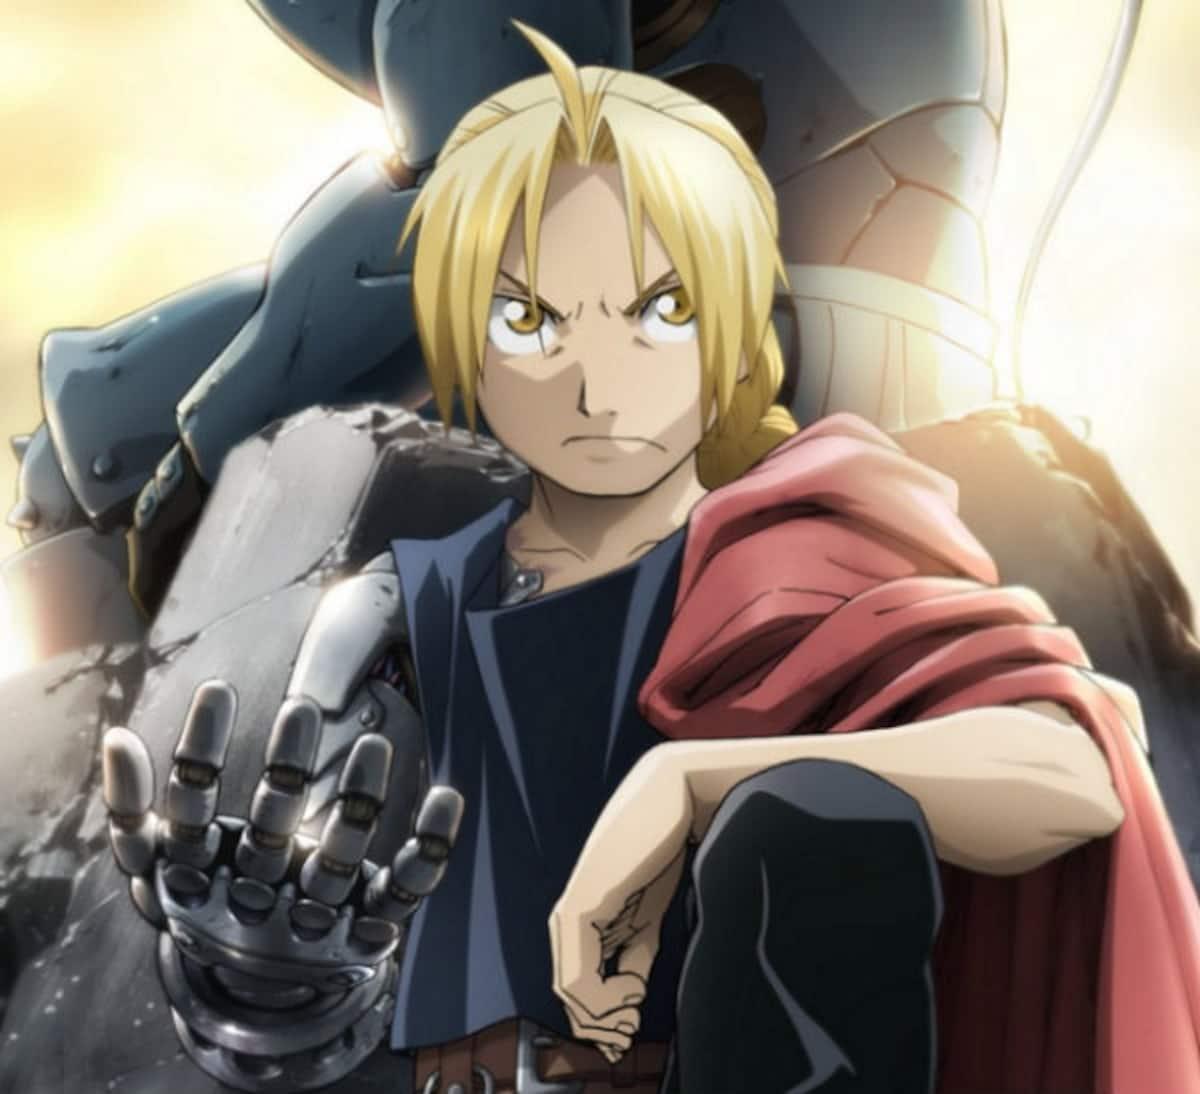 10. Edward Elric (Fullmetal Alchemist)